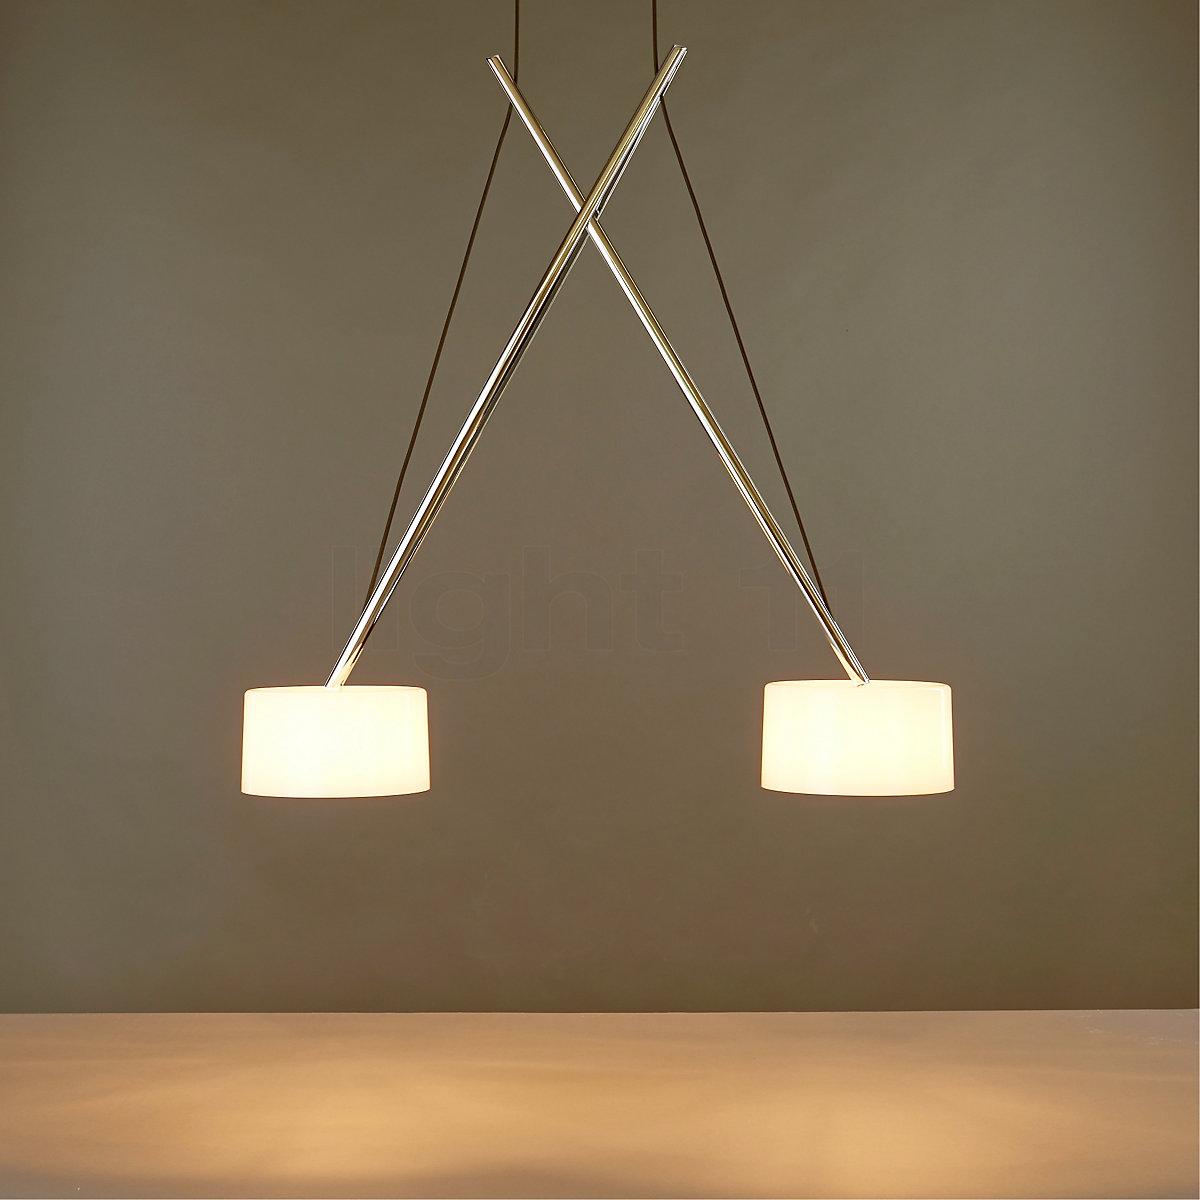 Serien Lighting Twin Hanglamp Kopen Bij